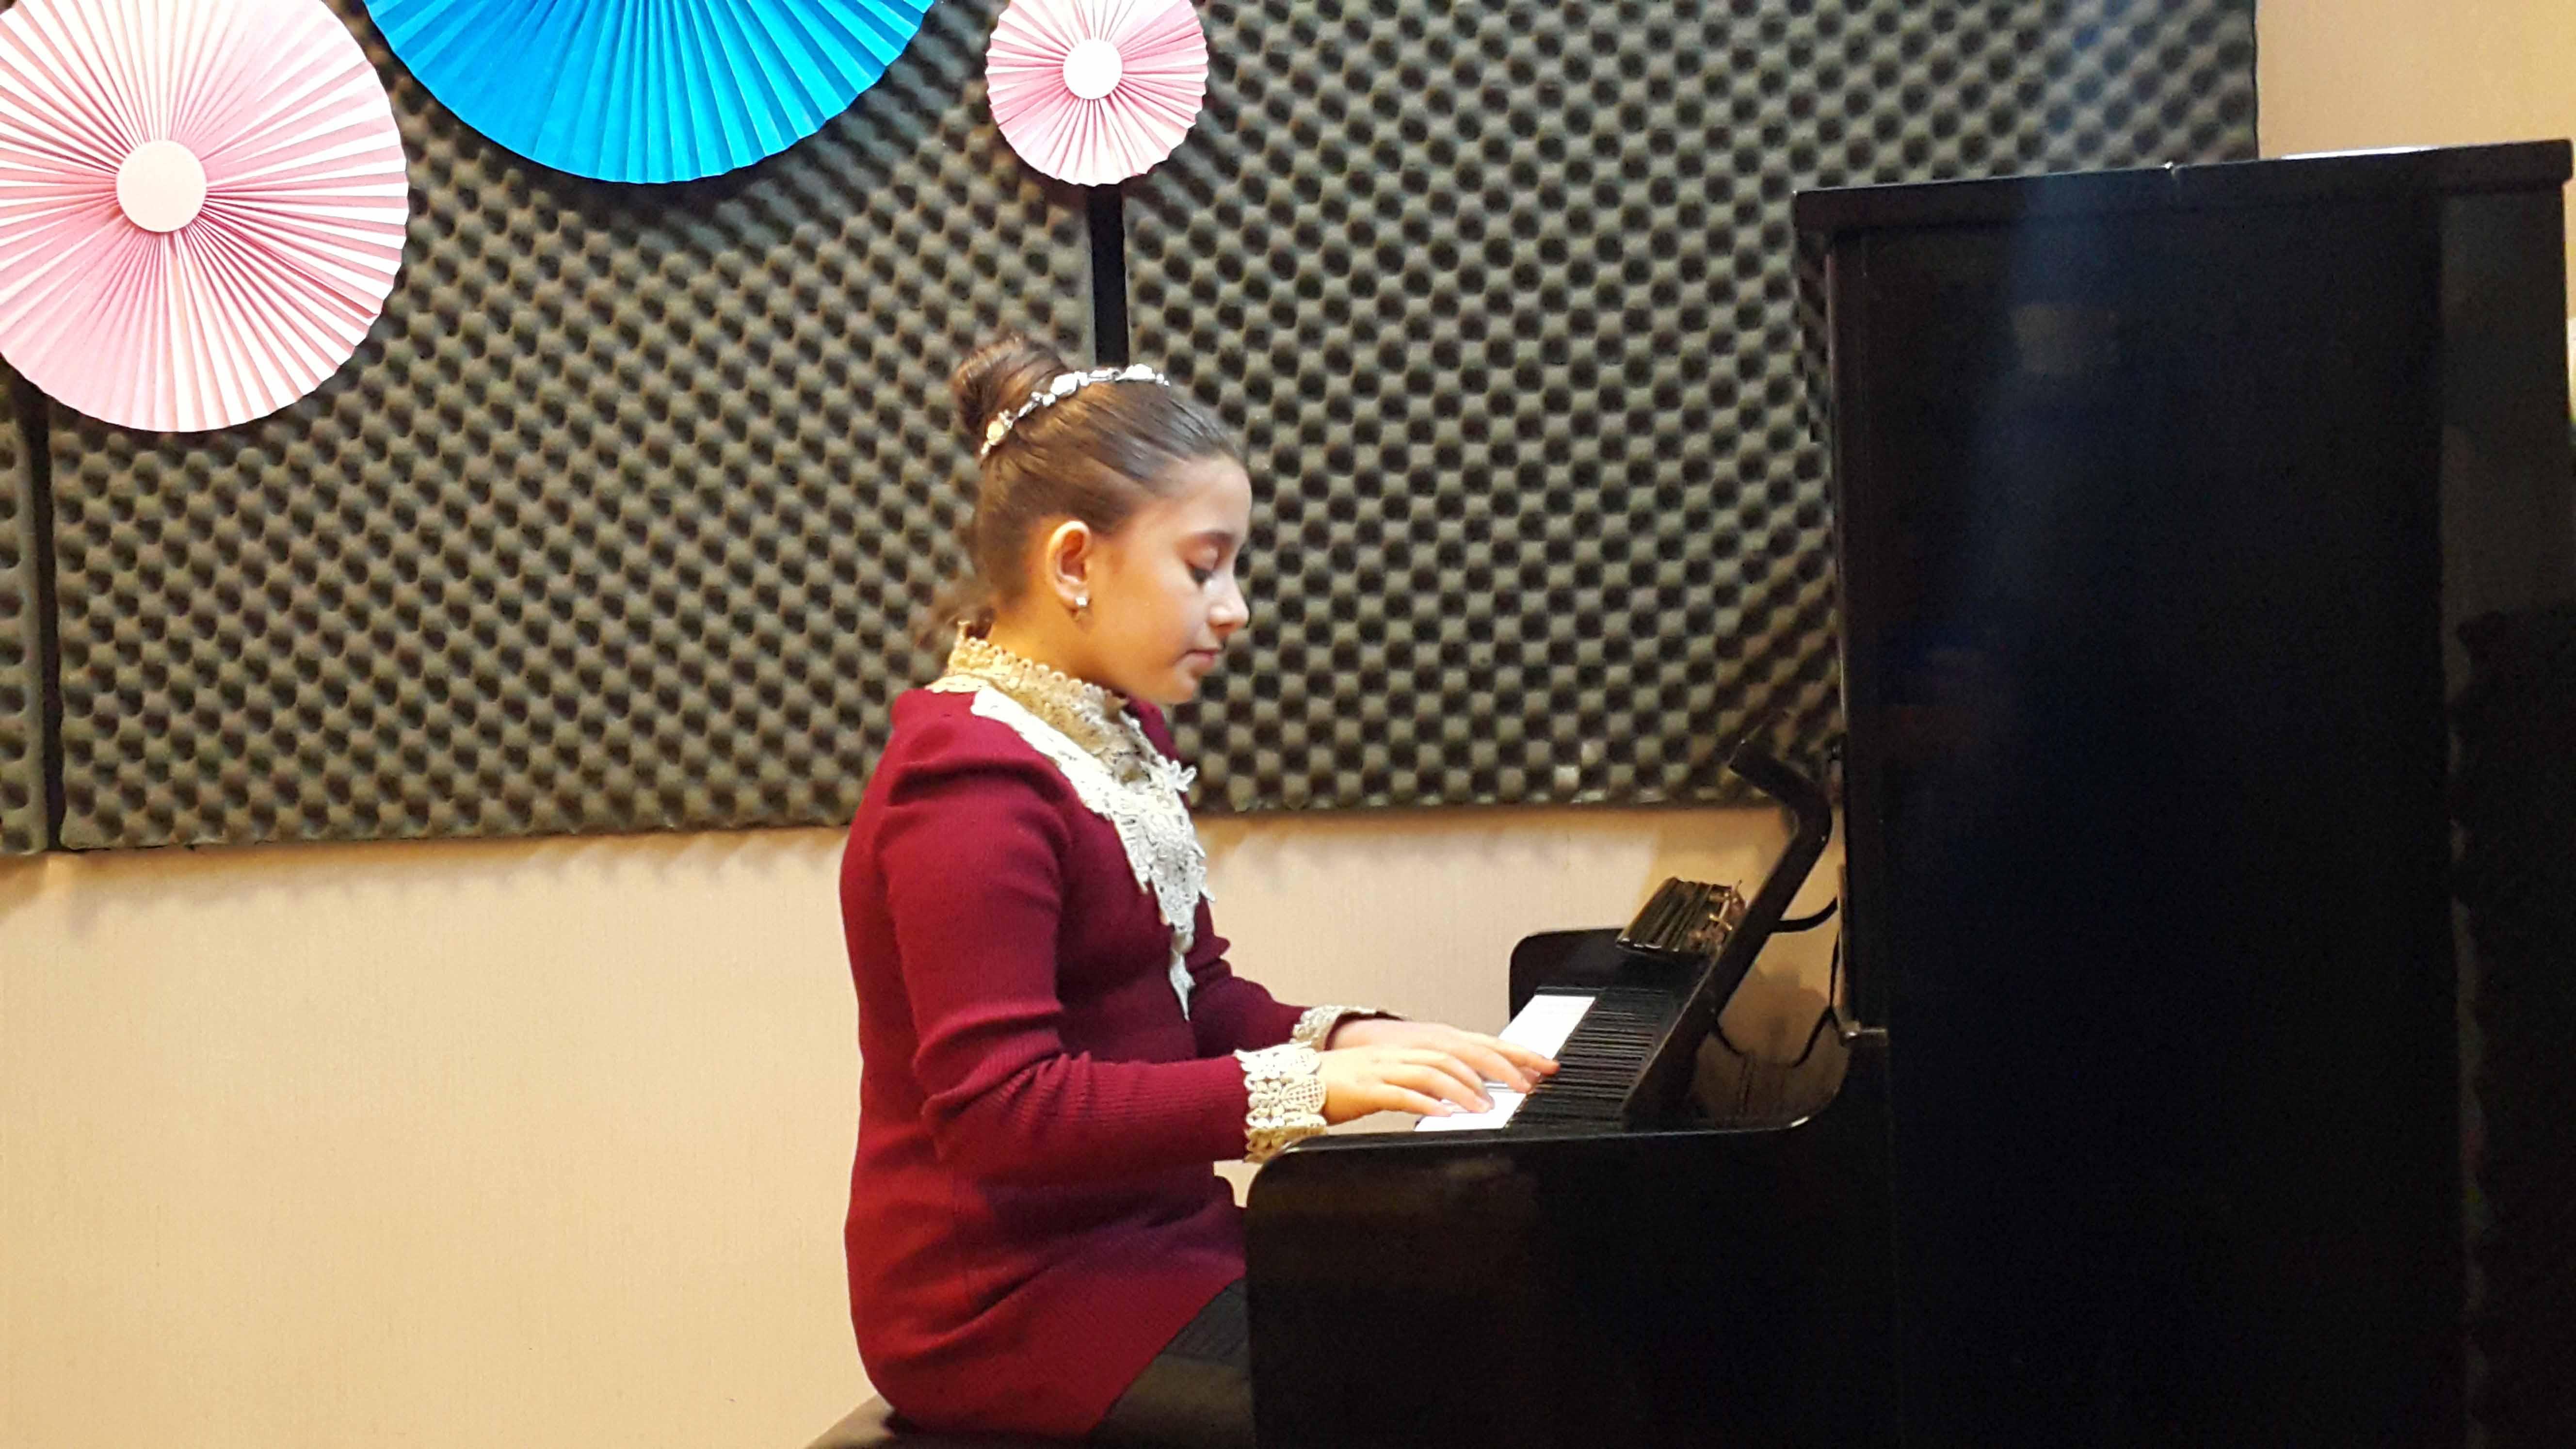 کنسرت هنرجویی هنرجویان پیانو - اسفندماه 1397 - آموزشگاه موسیقی شیدا